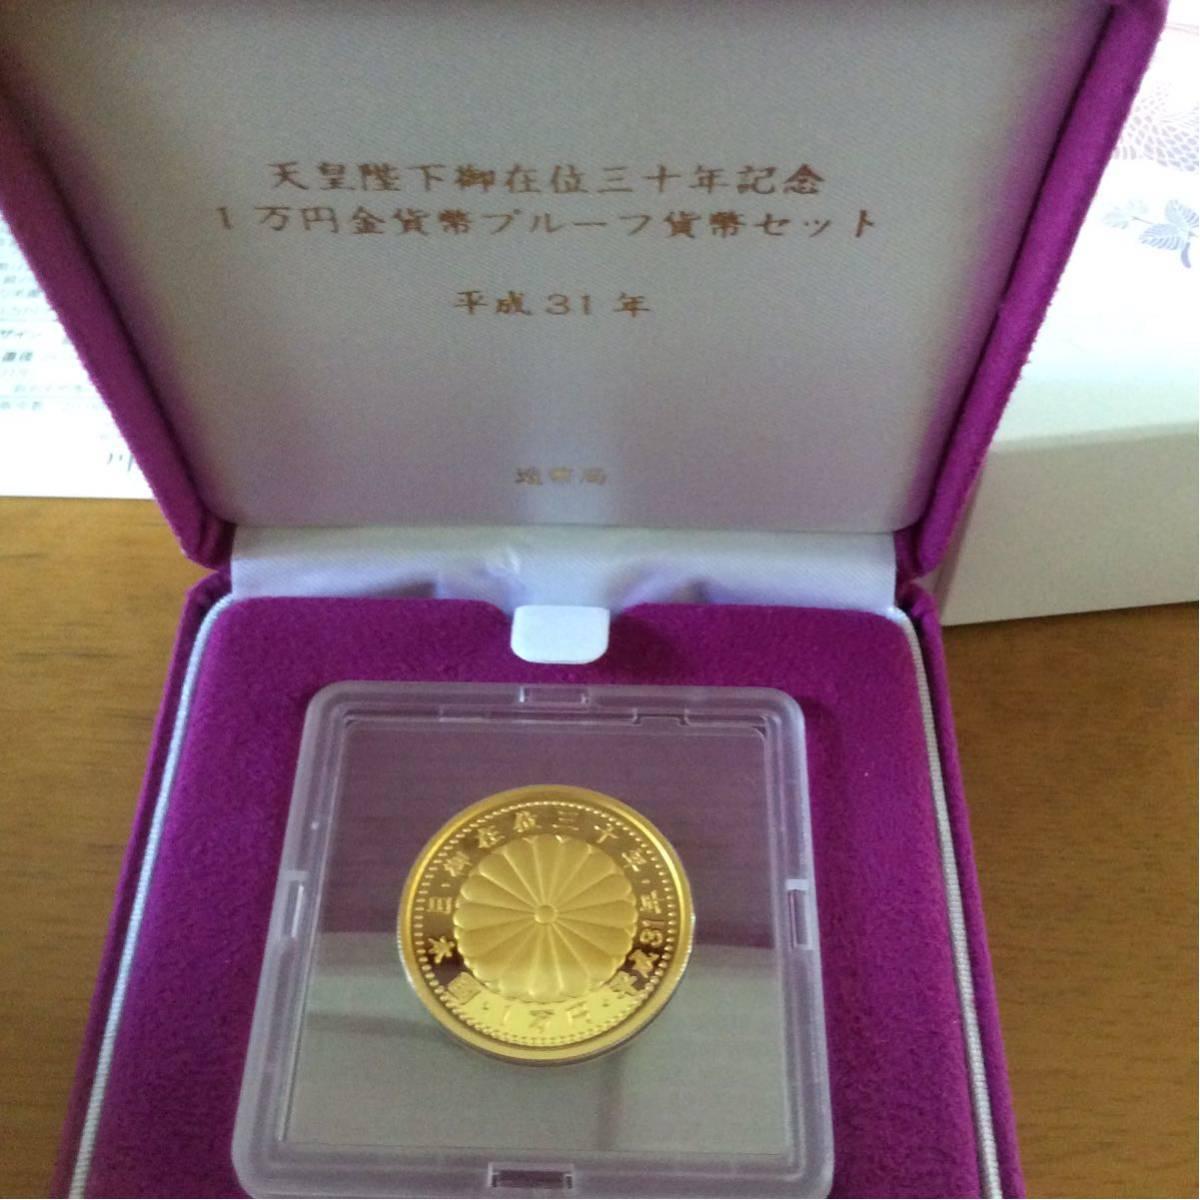 天皇陛下御在位三十年記念金貨 プルーフ貨幣金貨単体セット 一万円記念金貨_画像2